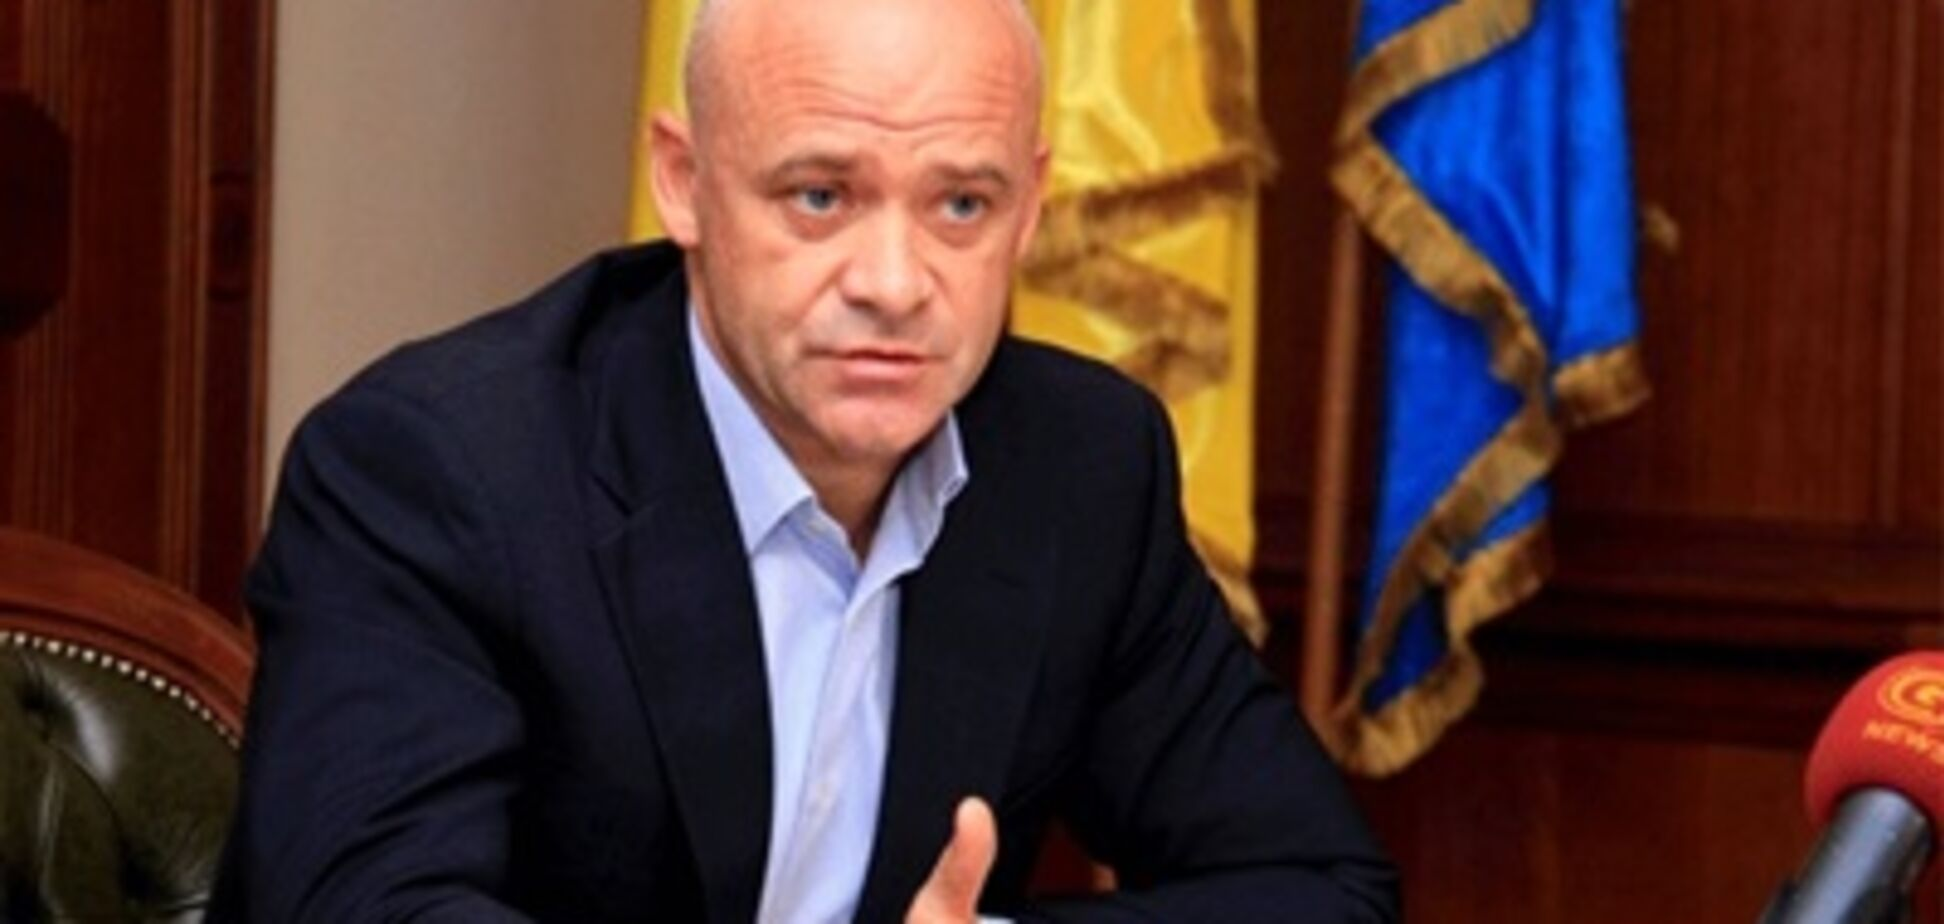 Офшори за адресами в Росії: мер Одеси Труханів став фігурантом 'райських паперів'